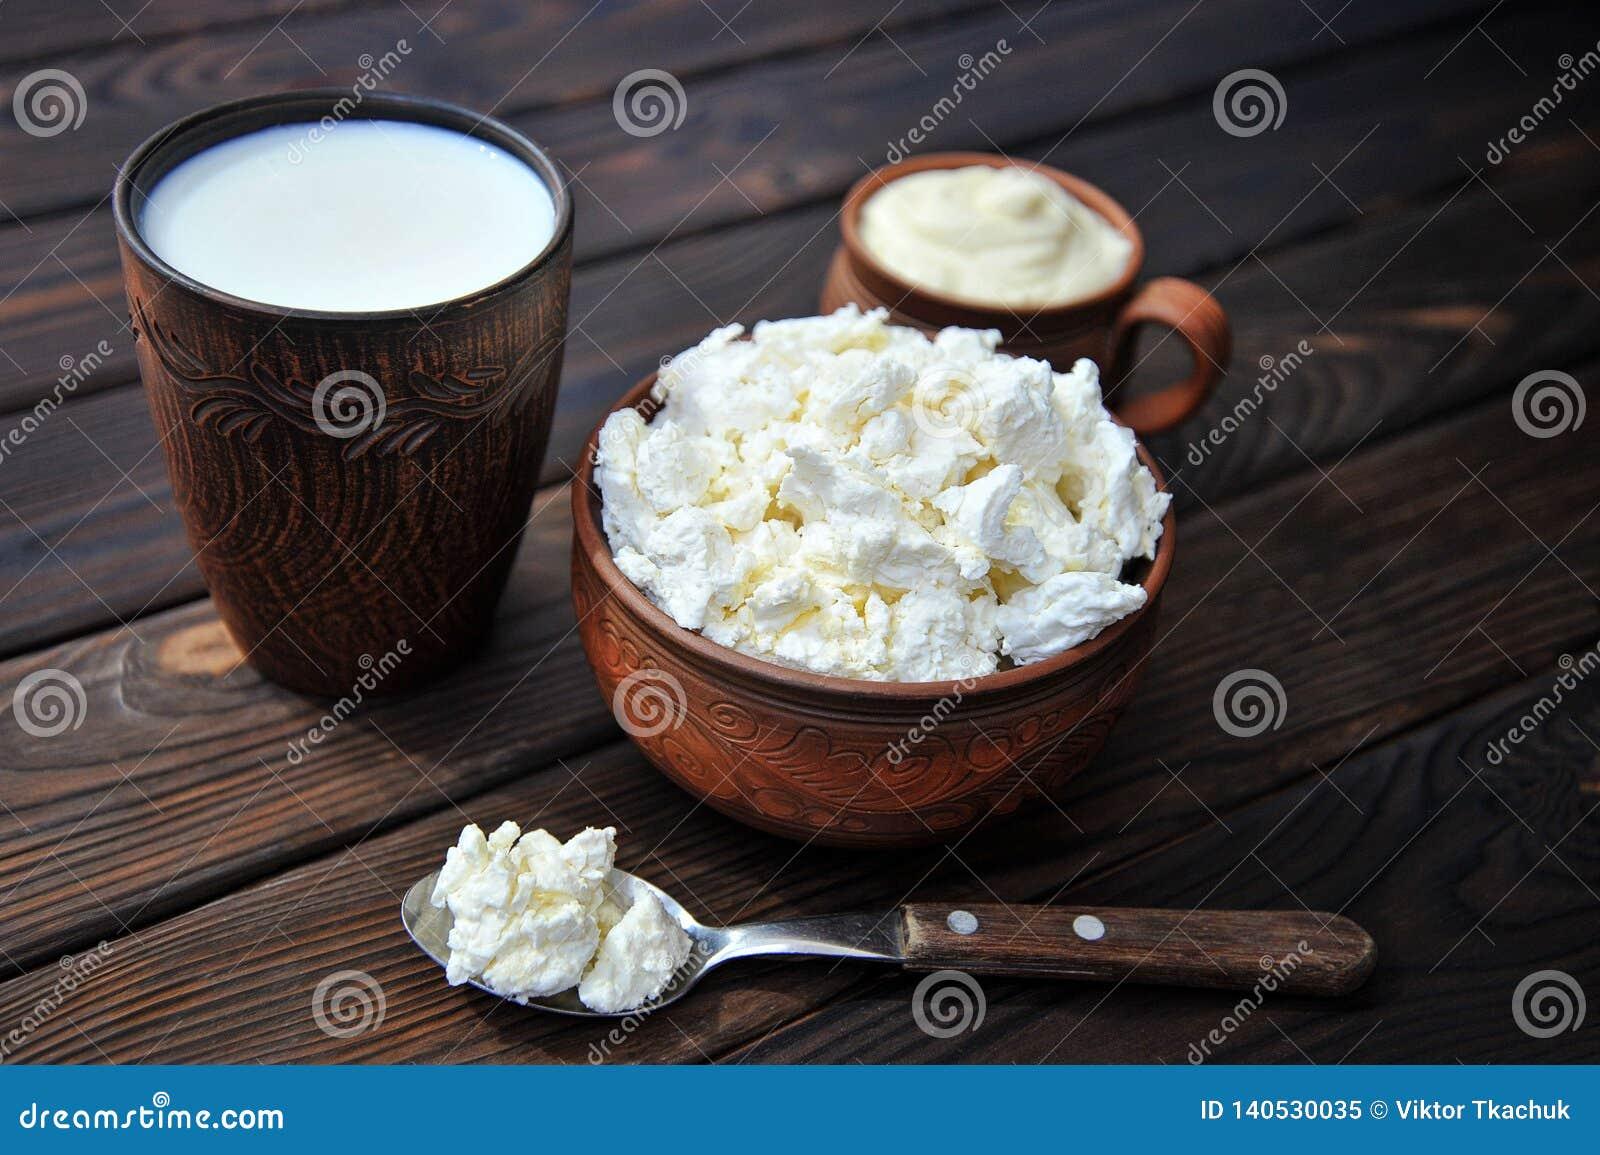 Uma bacia de argila com requeijão, uma caneca de argila com creme de leite, uma caneca com leite e uma colher em uma tabela